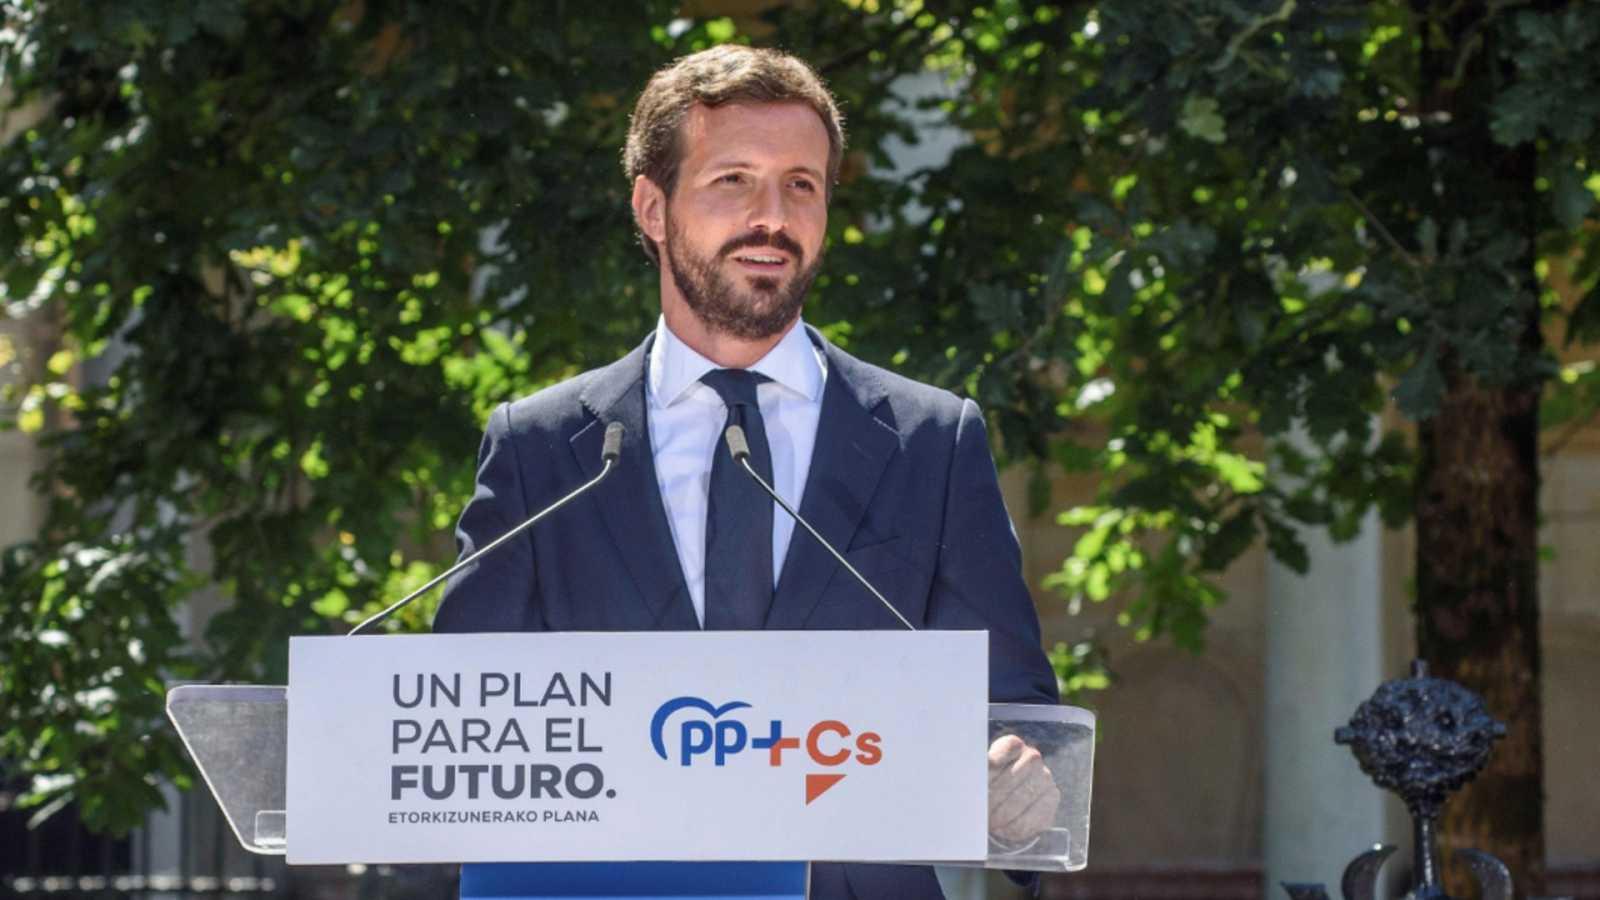 """Casado acusa a Sánchez de practicar la """"hipocresía"""" y el """"cinismo"""" al hablar de pactos con el PP"""